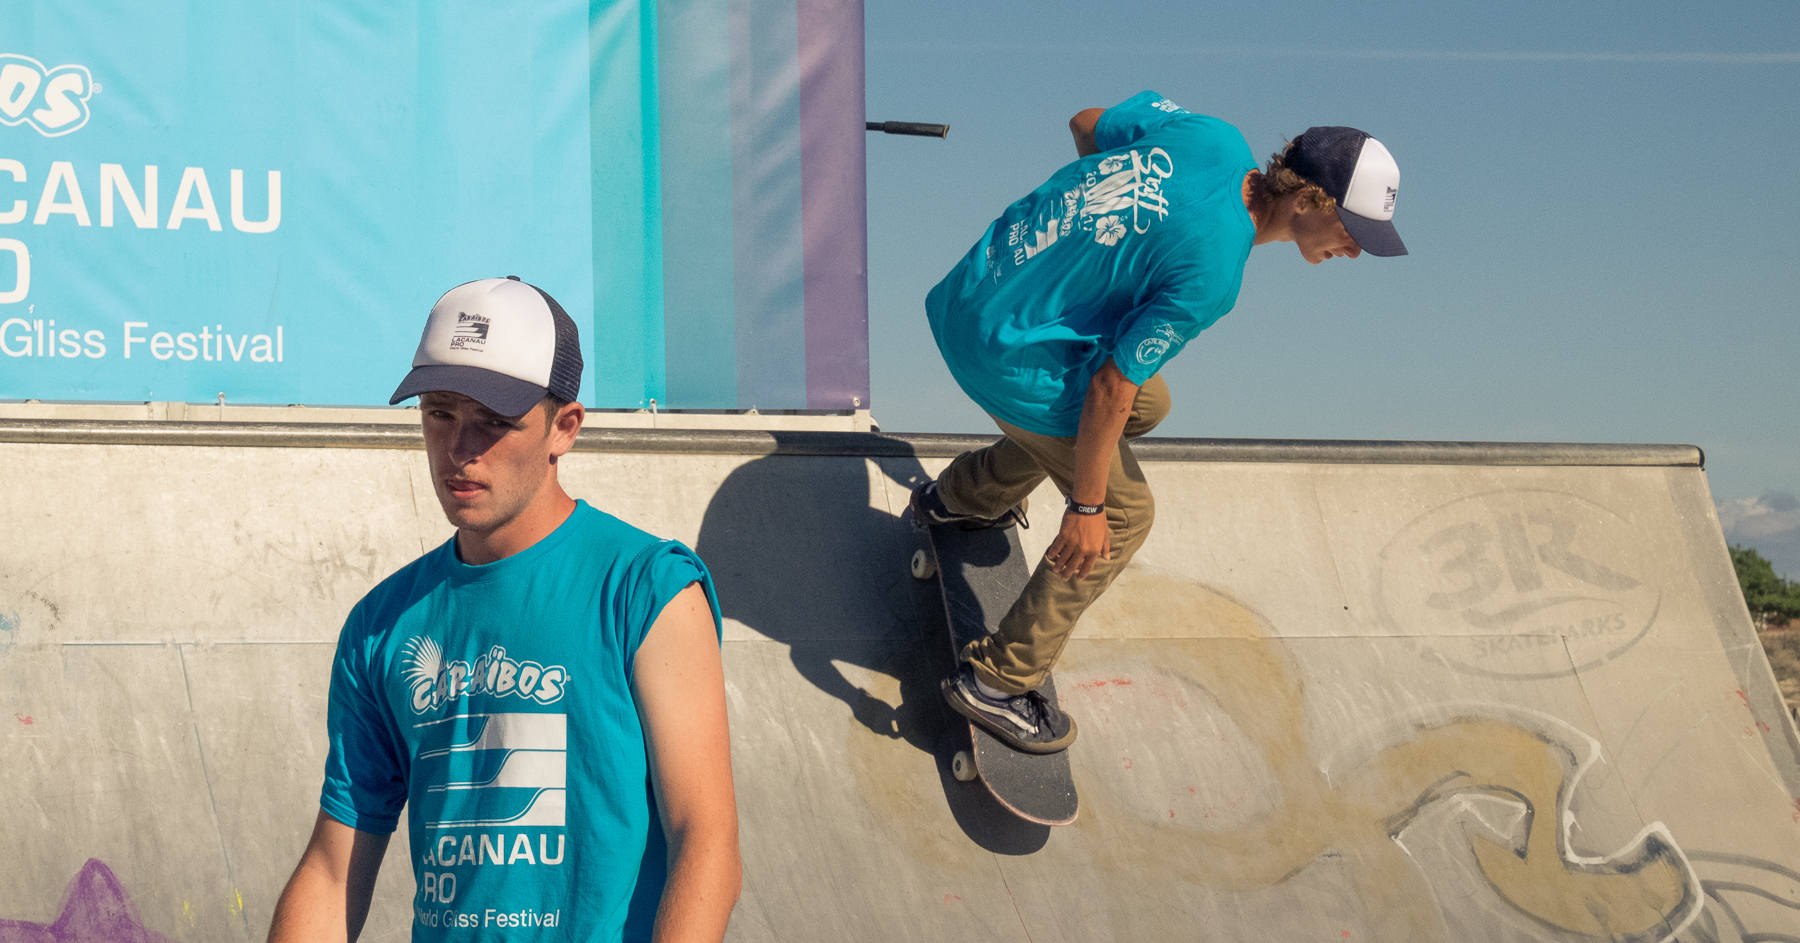 Skateboard et skateboarders Photo Damien Rossier